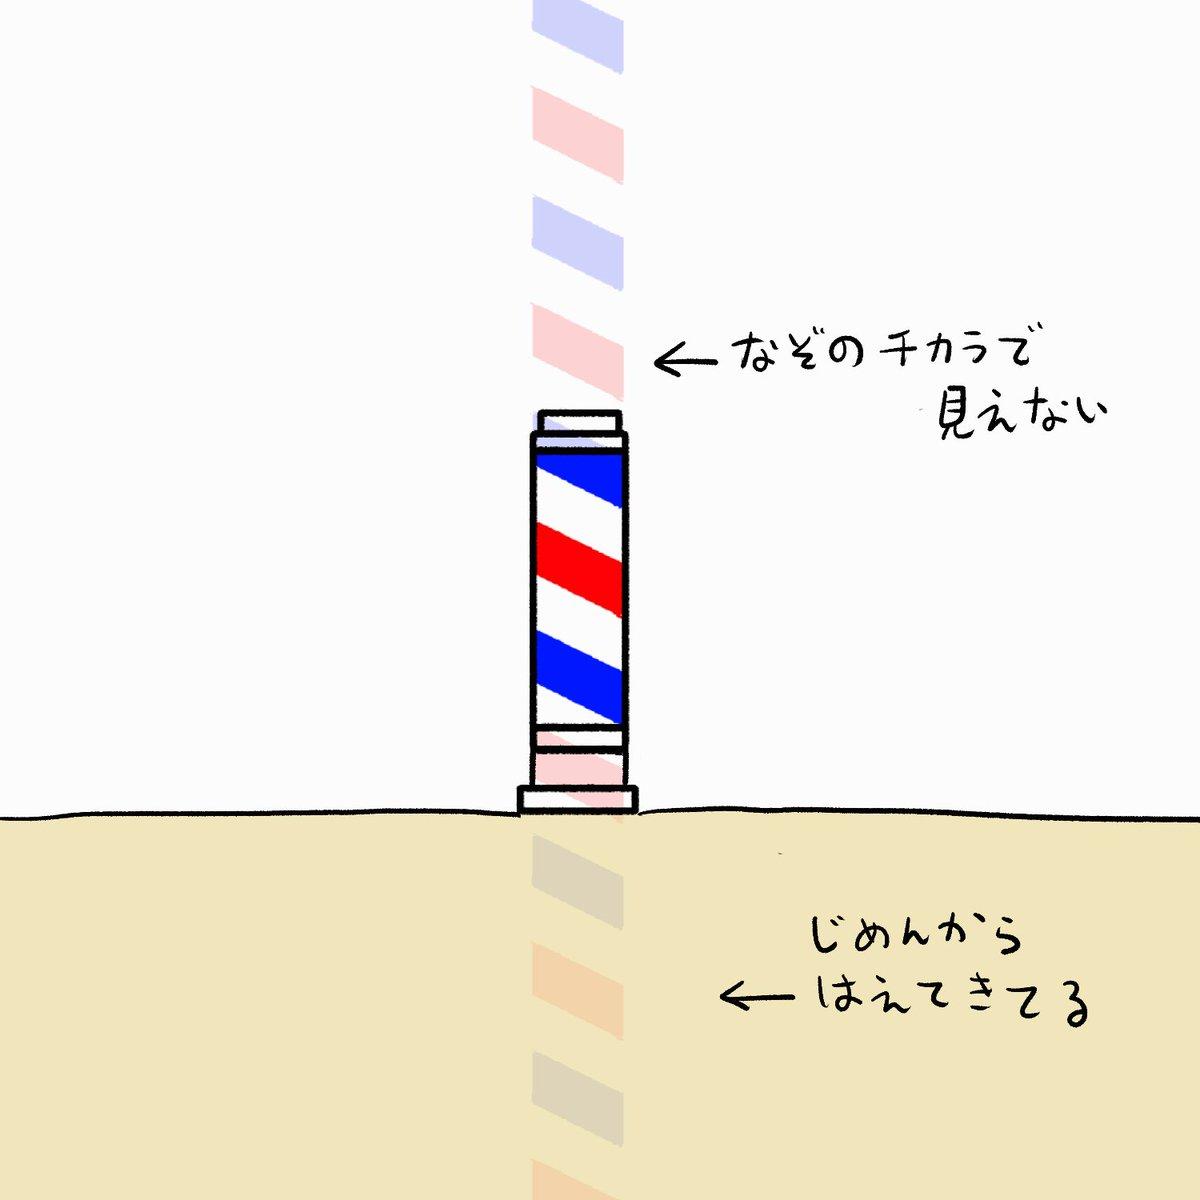 地面からシマシマの棒が伸びてきて上の部分は謎の力で見えない永遠に伸び続けるシマシマの何かだと思ってた#子供の頃の勘違いをあえて言おう